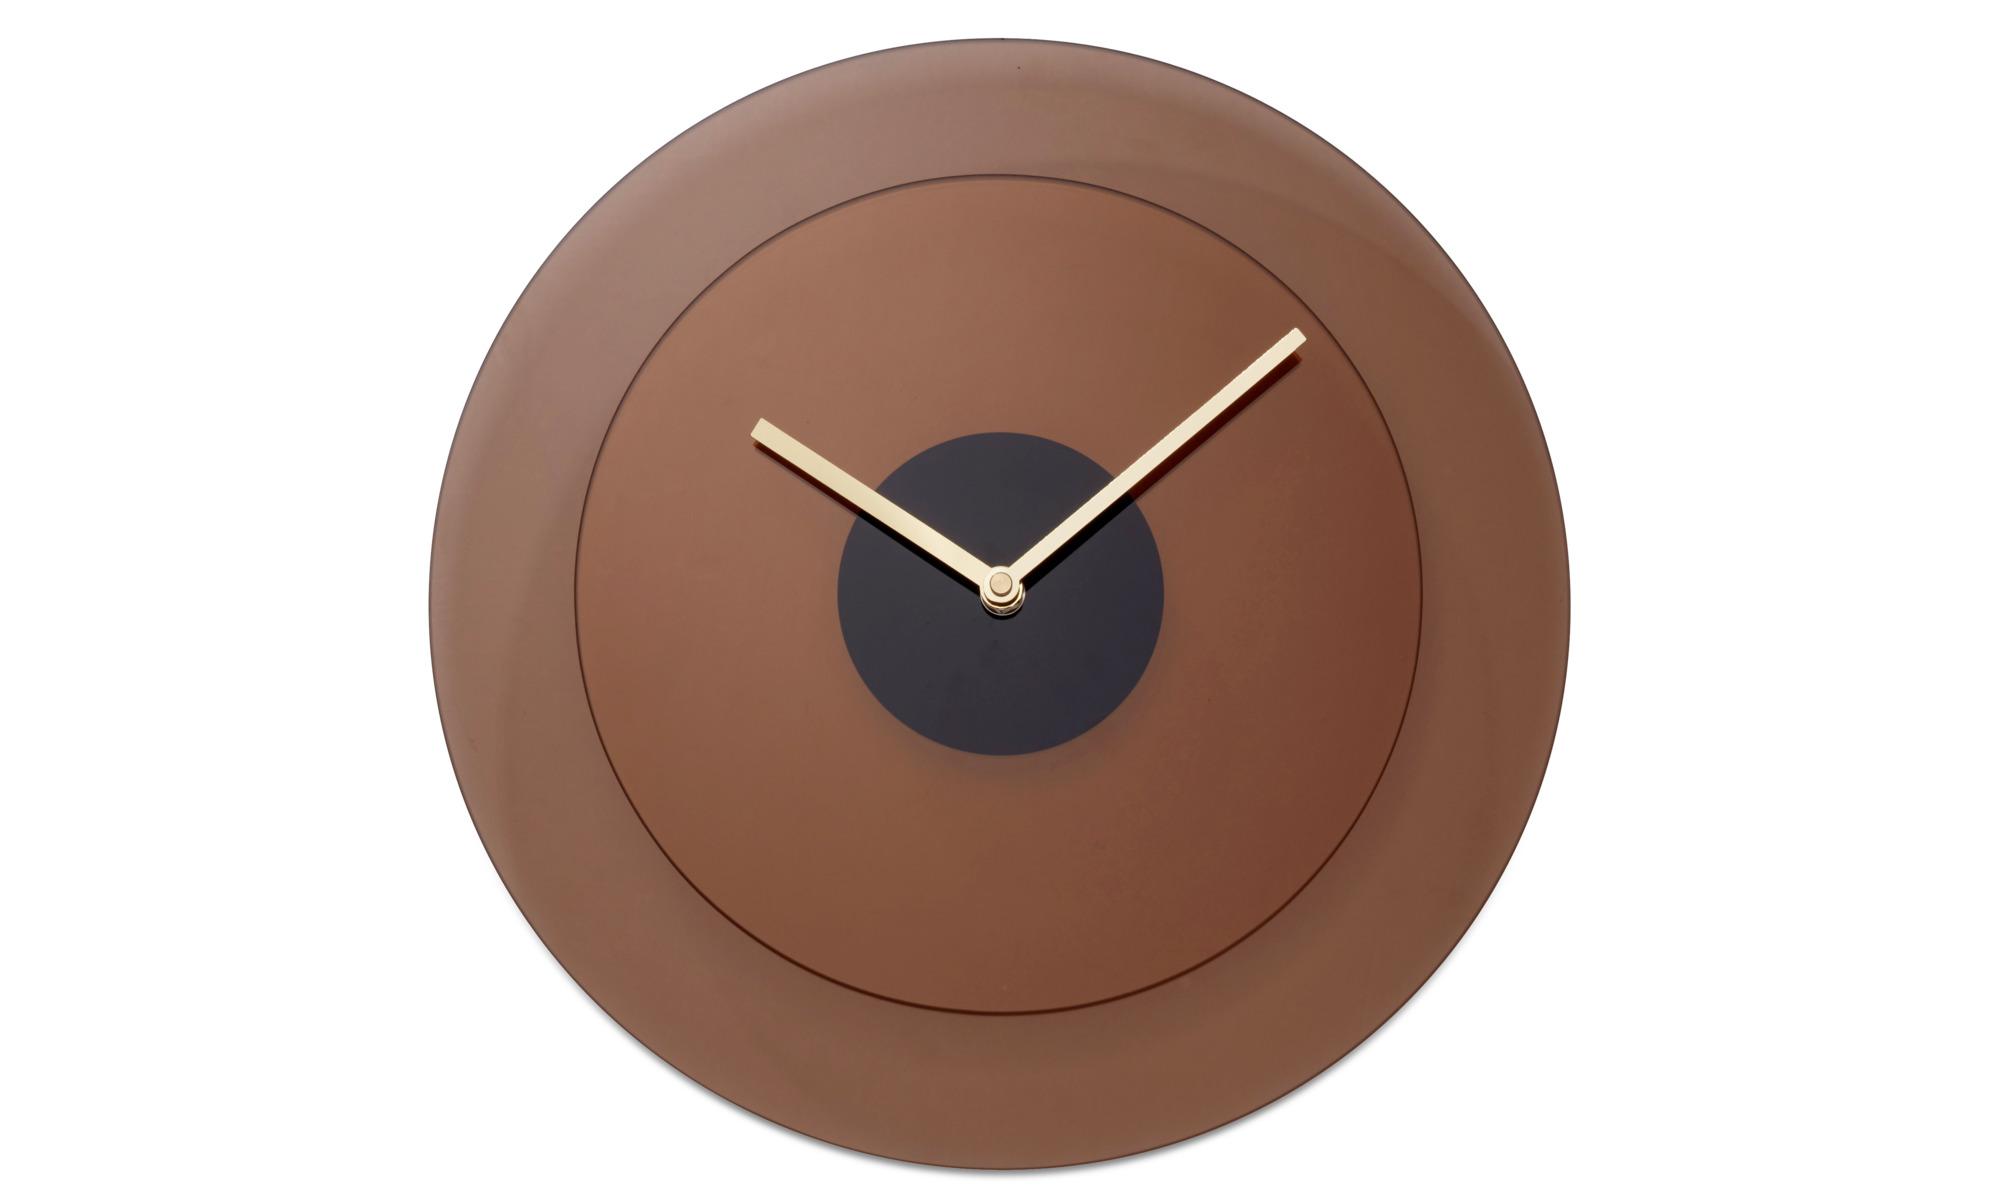 Dekoracja - Zegar ścienny Layer - Pomarańczowy - Szkło